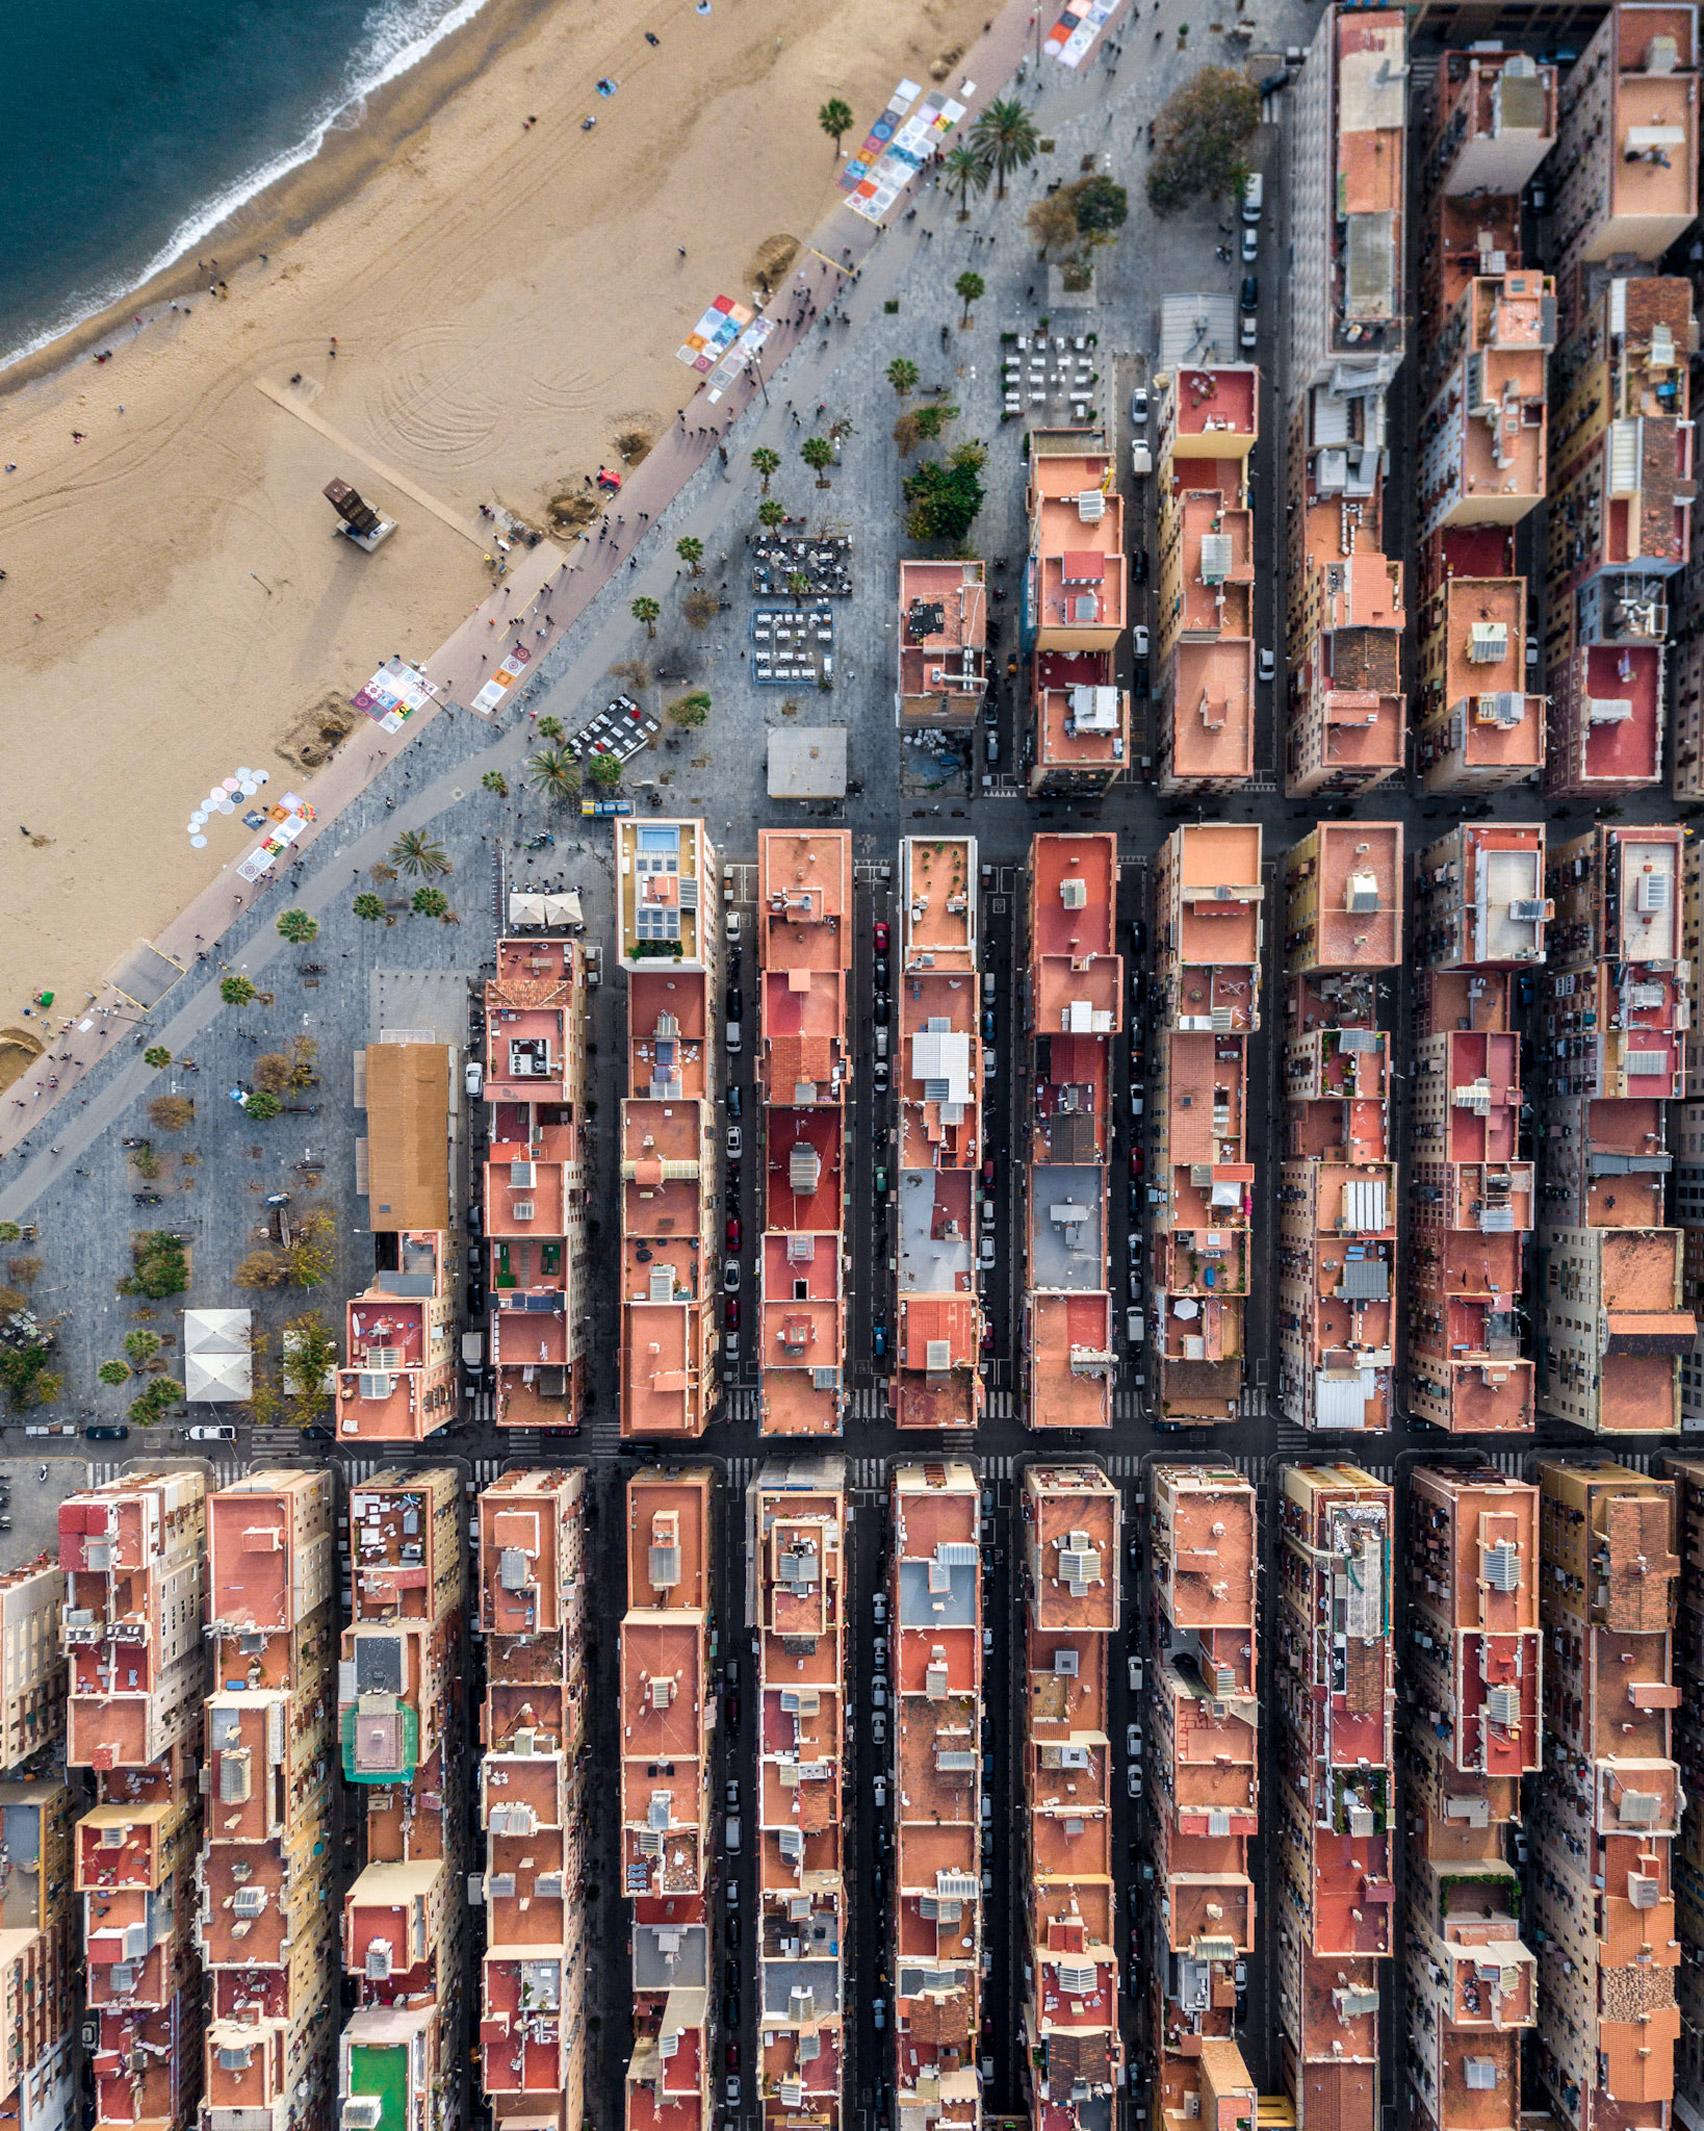 Barcelona se caracteriza por una arquitectura muy organizada / Márton Mogyorósy